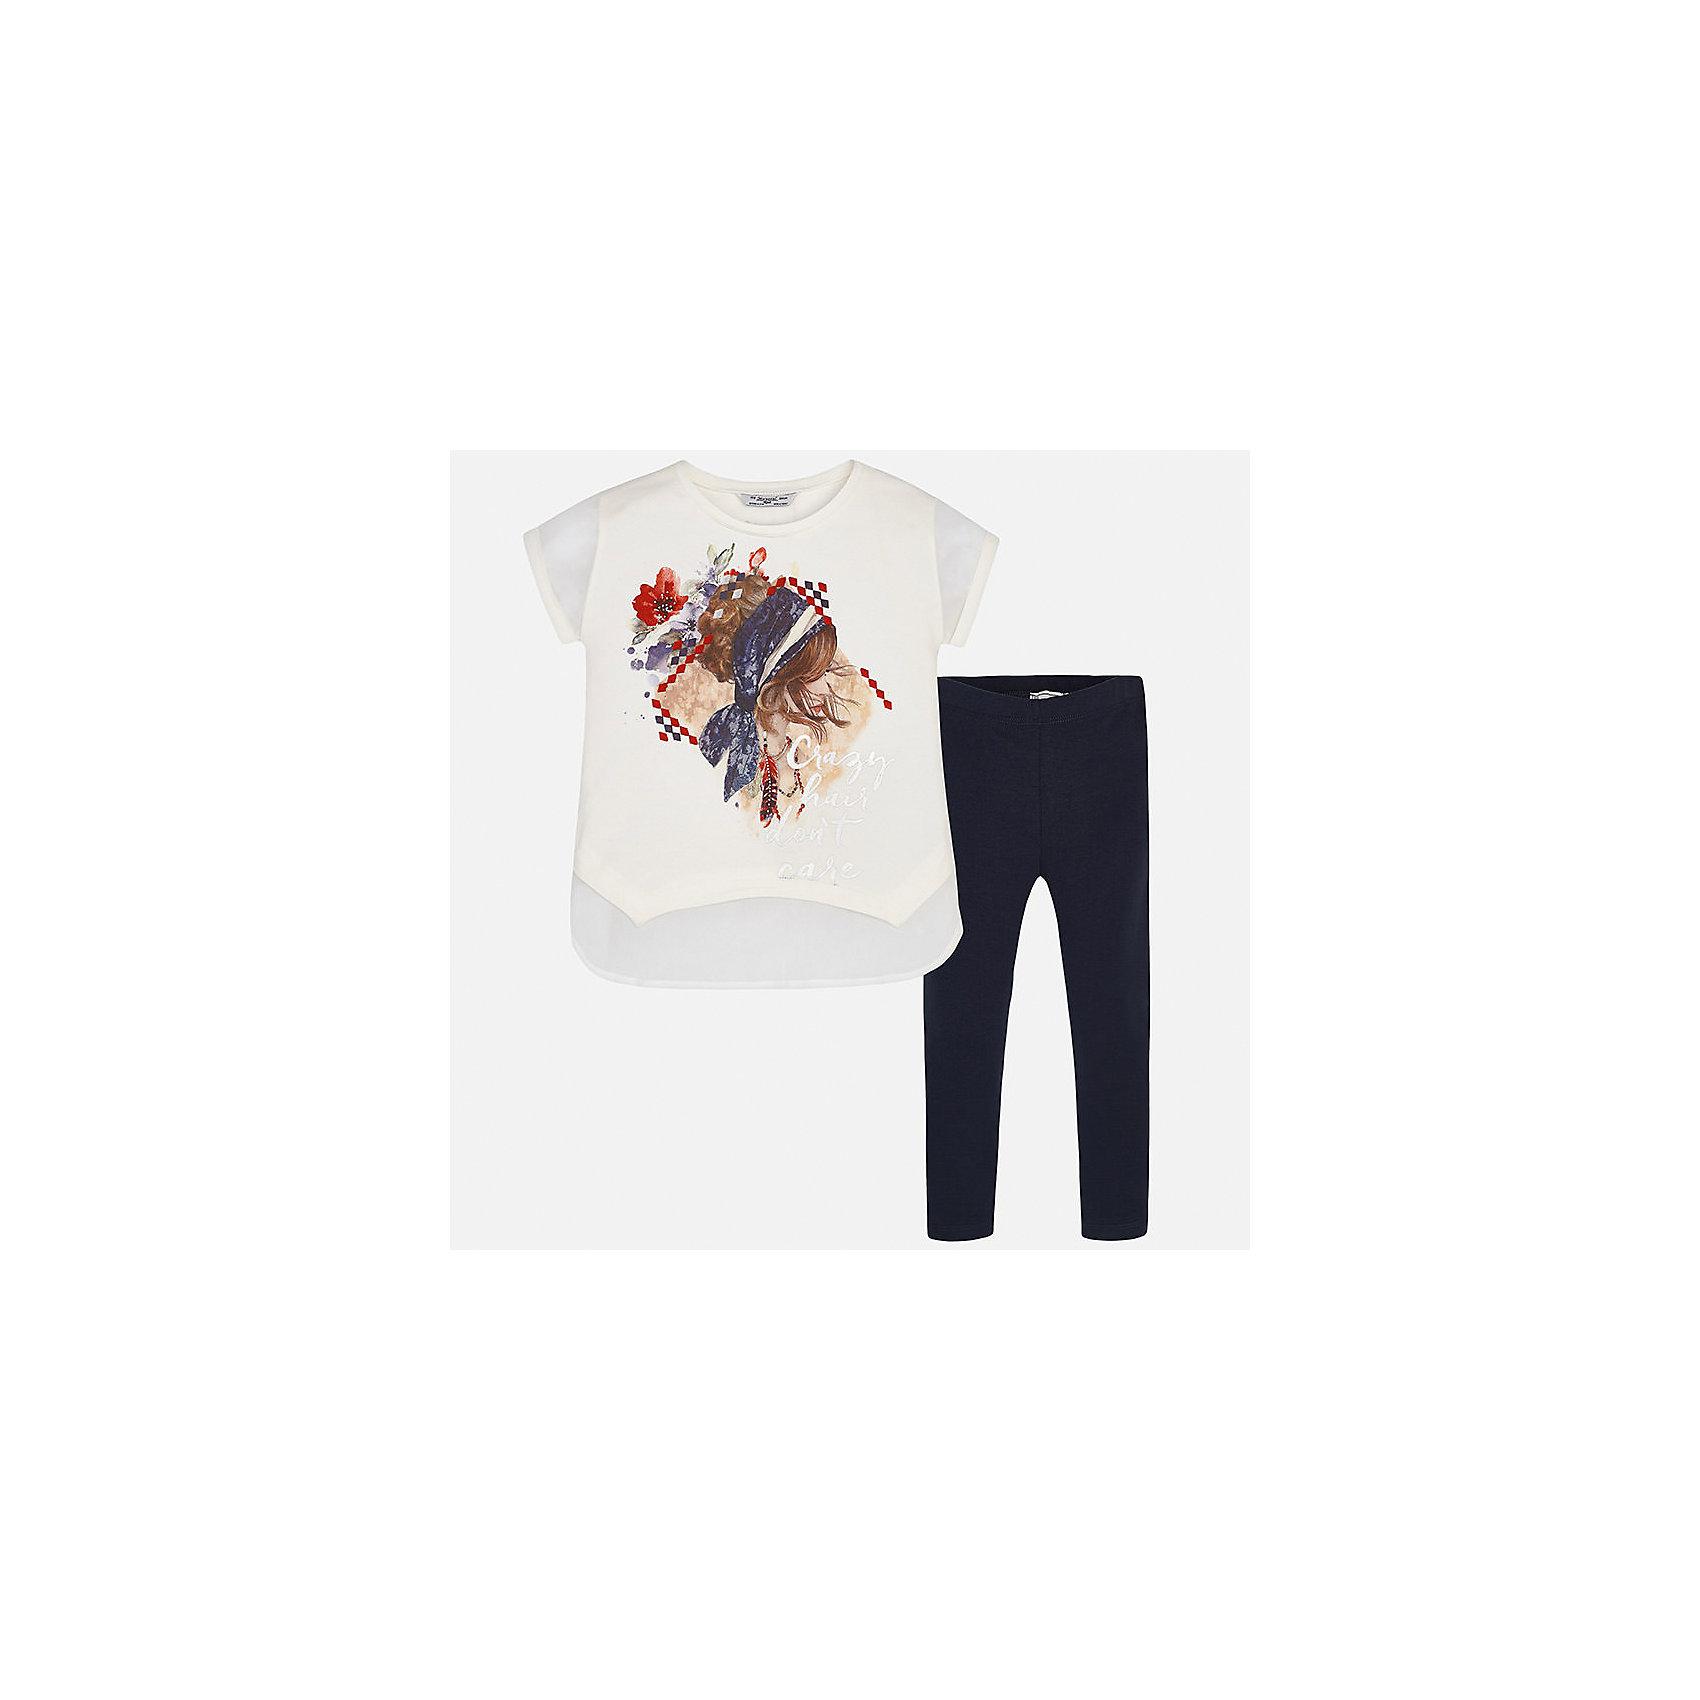 Комплект: футболка с длинным рукавом и леггинсы для девочки MayoralКомплекты<br>Характеристики товара:<br><br>• цвет: белый/темно-синий<br>• состав: 95% хлопок, 5% эластан<br>• комплектация: футболка, леггинсы<br>• футболка декорирована принтом <br>• леггинсы однотонные<br>• пояс на резинке<br>• страна бренда: Испания<br><br>Красивый качественный комплект для девочки поможет разнообразить гардероб ребенка и удобно одеться в теплую погоду. Он отлично сочетается с другими предметами. Универсальный цвет позволяет подобрать к вещам верхнюю одежду практически любой расцветки. Интересная отделка модели делает её нарядной и оригинальной. В составе материала - натуральный хлопок, гипоаллергенный, приятный на ощупь, дышащий.<br><br>Одежда, обувь и аксессуары от испанского бренда Mayoral полюбились детям и взрослым по всему миру. Модели этой марки - стильные и удобные. Для их производства используются только безопасные, качественные материалы и фурнитура. Порадуйте ребенка модными и красивыми вещами от Mayoral! <br><br>Комплект для девочки от испанского бренда Mayoral (Майорал) можно купить в нашем интернет-магазине.<br><br>Ширина мм: 123<br>Глубина мм: 10<br>Высота мм: 149<br>Вес г: 209<br>Цвет: синий<br>Возраст от месяцев: 156<br>Возраст до месяцев: 168<br>Пол: Женский<br>Возраст: Детский<br>Размер: 164,128/134,140,152,158<br>SKU: 5300908